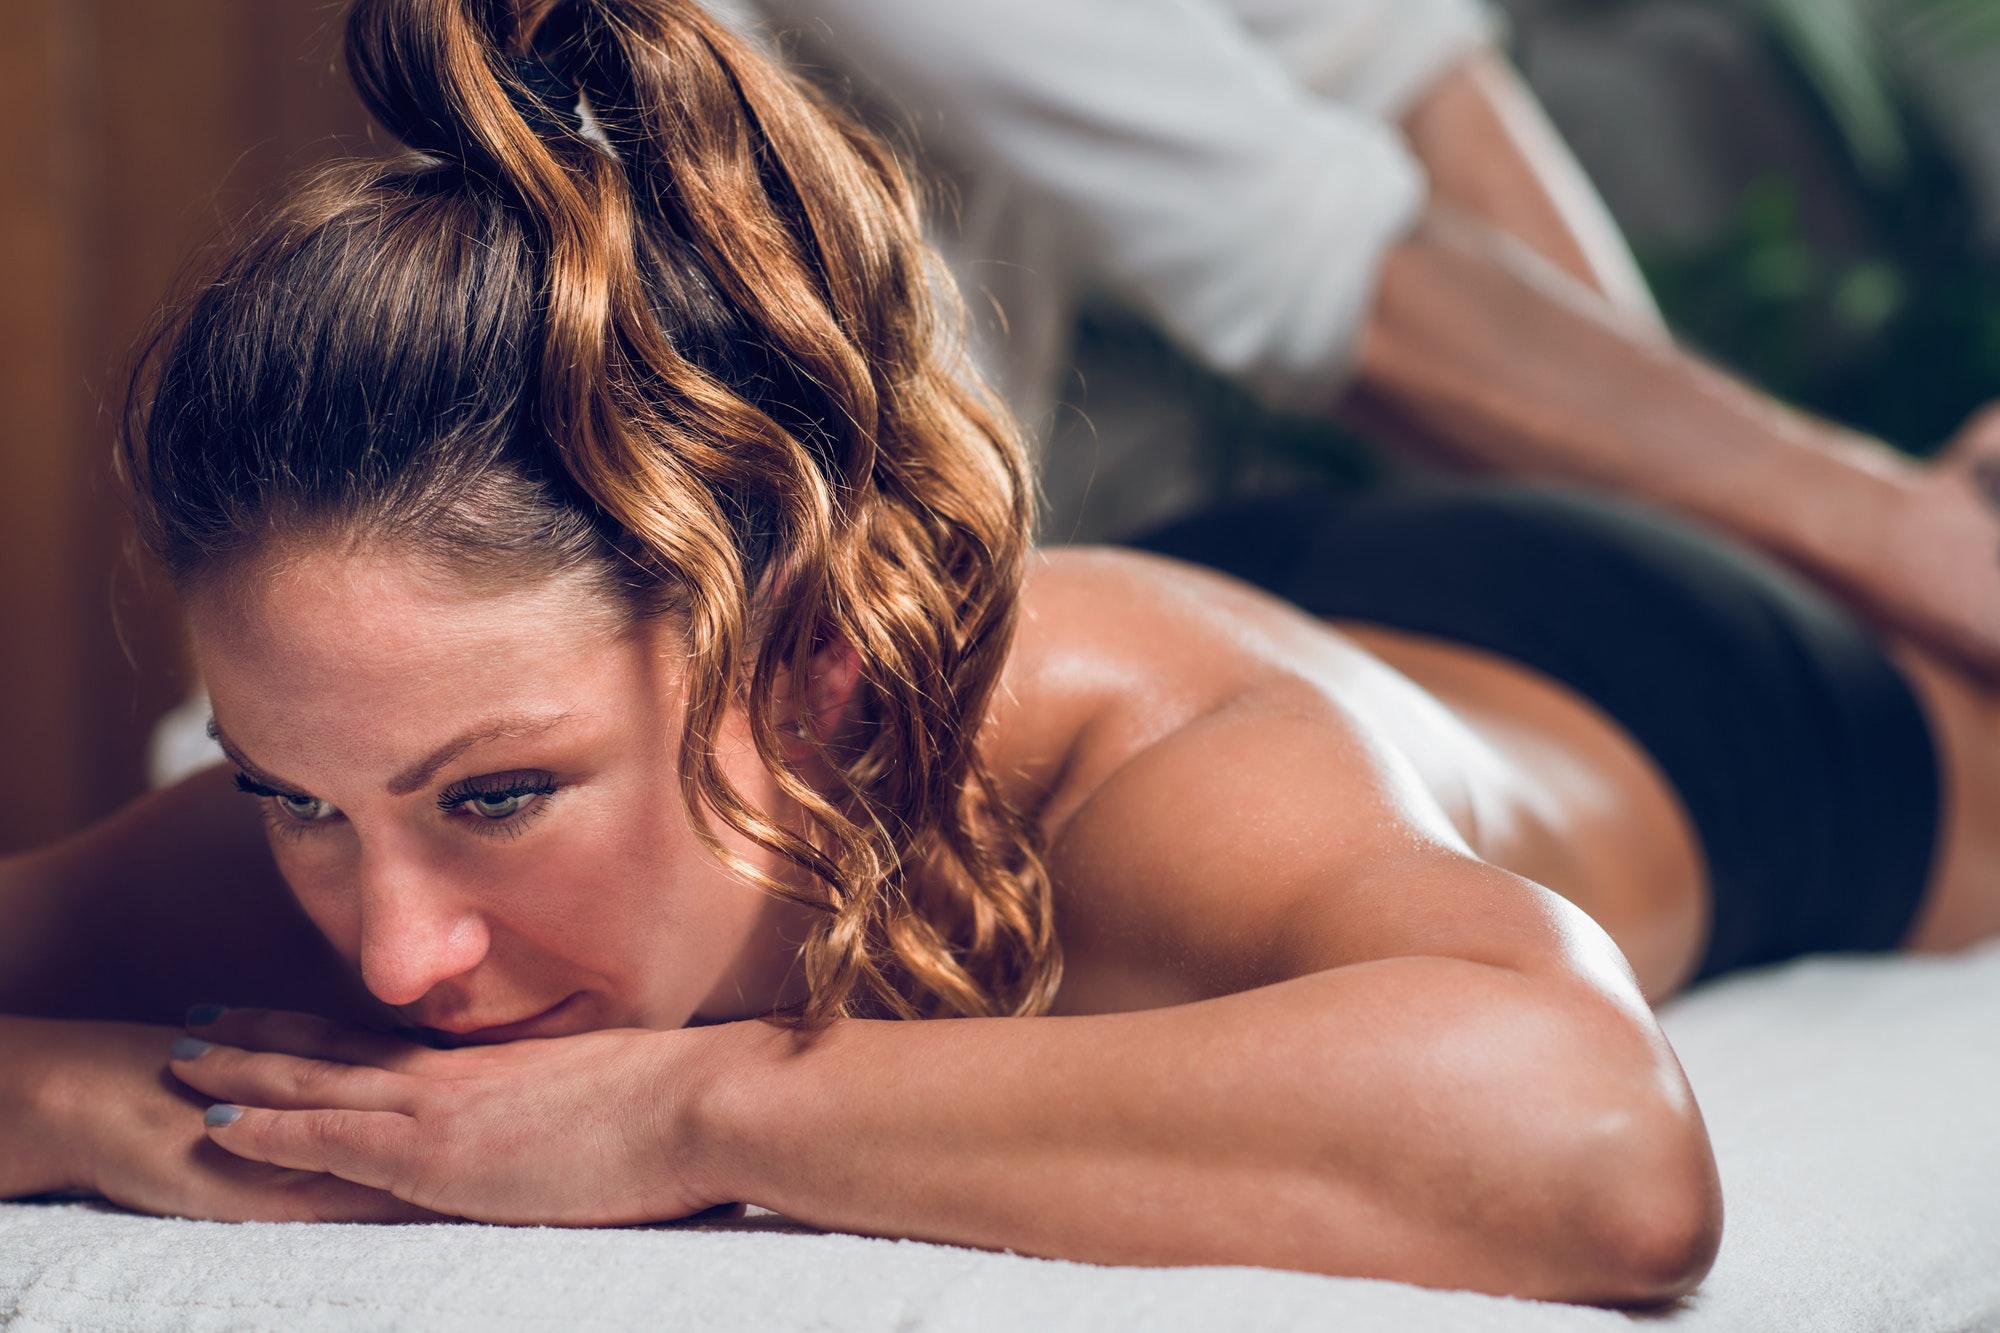 Beautiful young woman enjoying anti cellulite massage